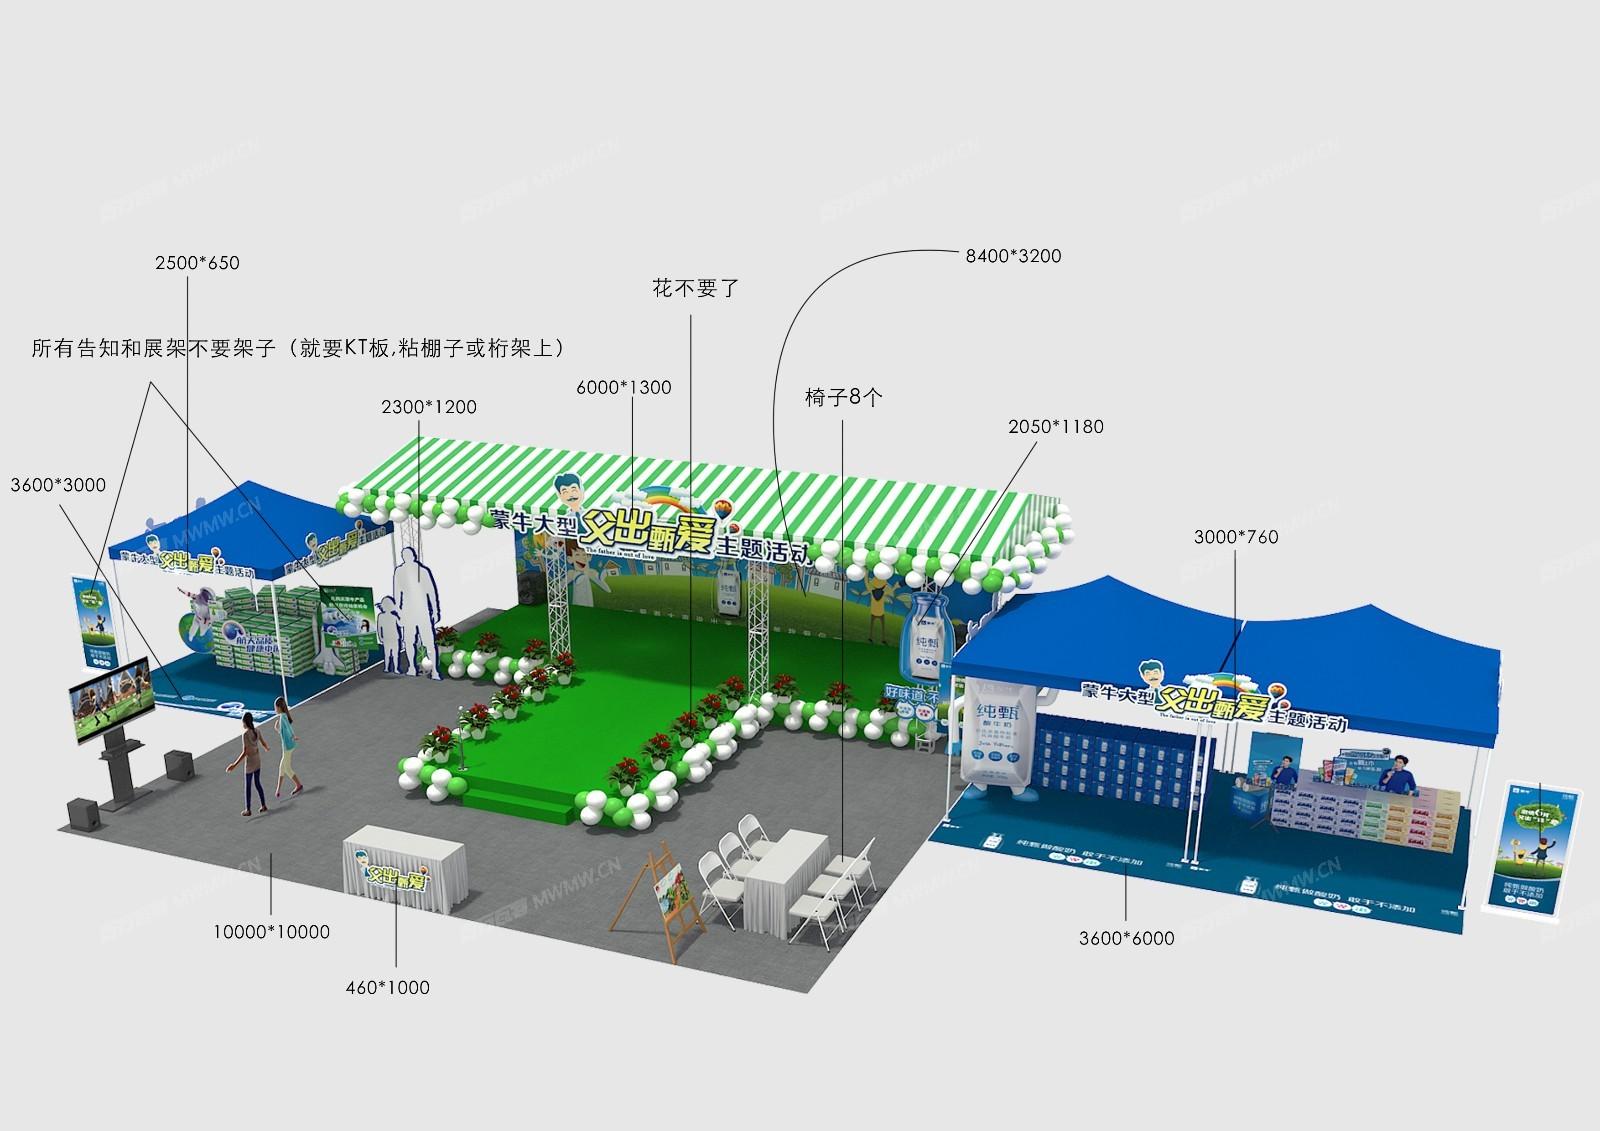 蒙牛-父亲节-西城红场室外-尺寸.jpg